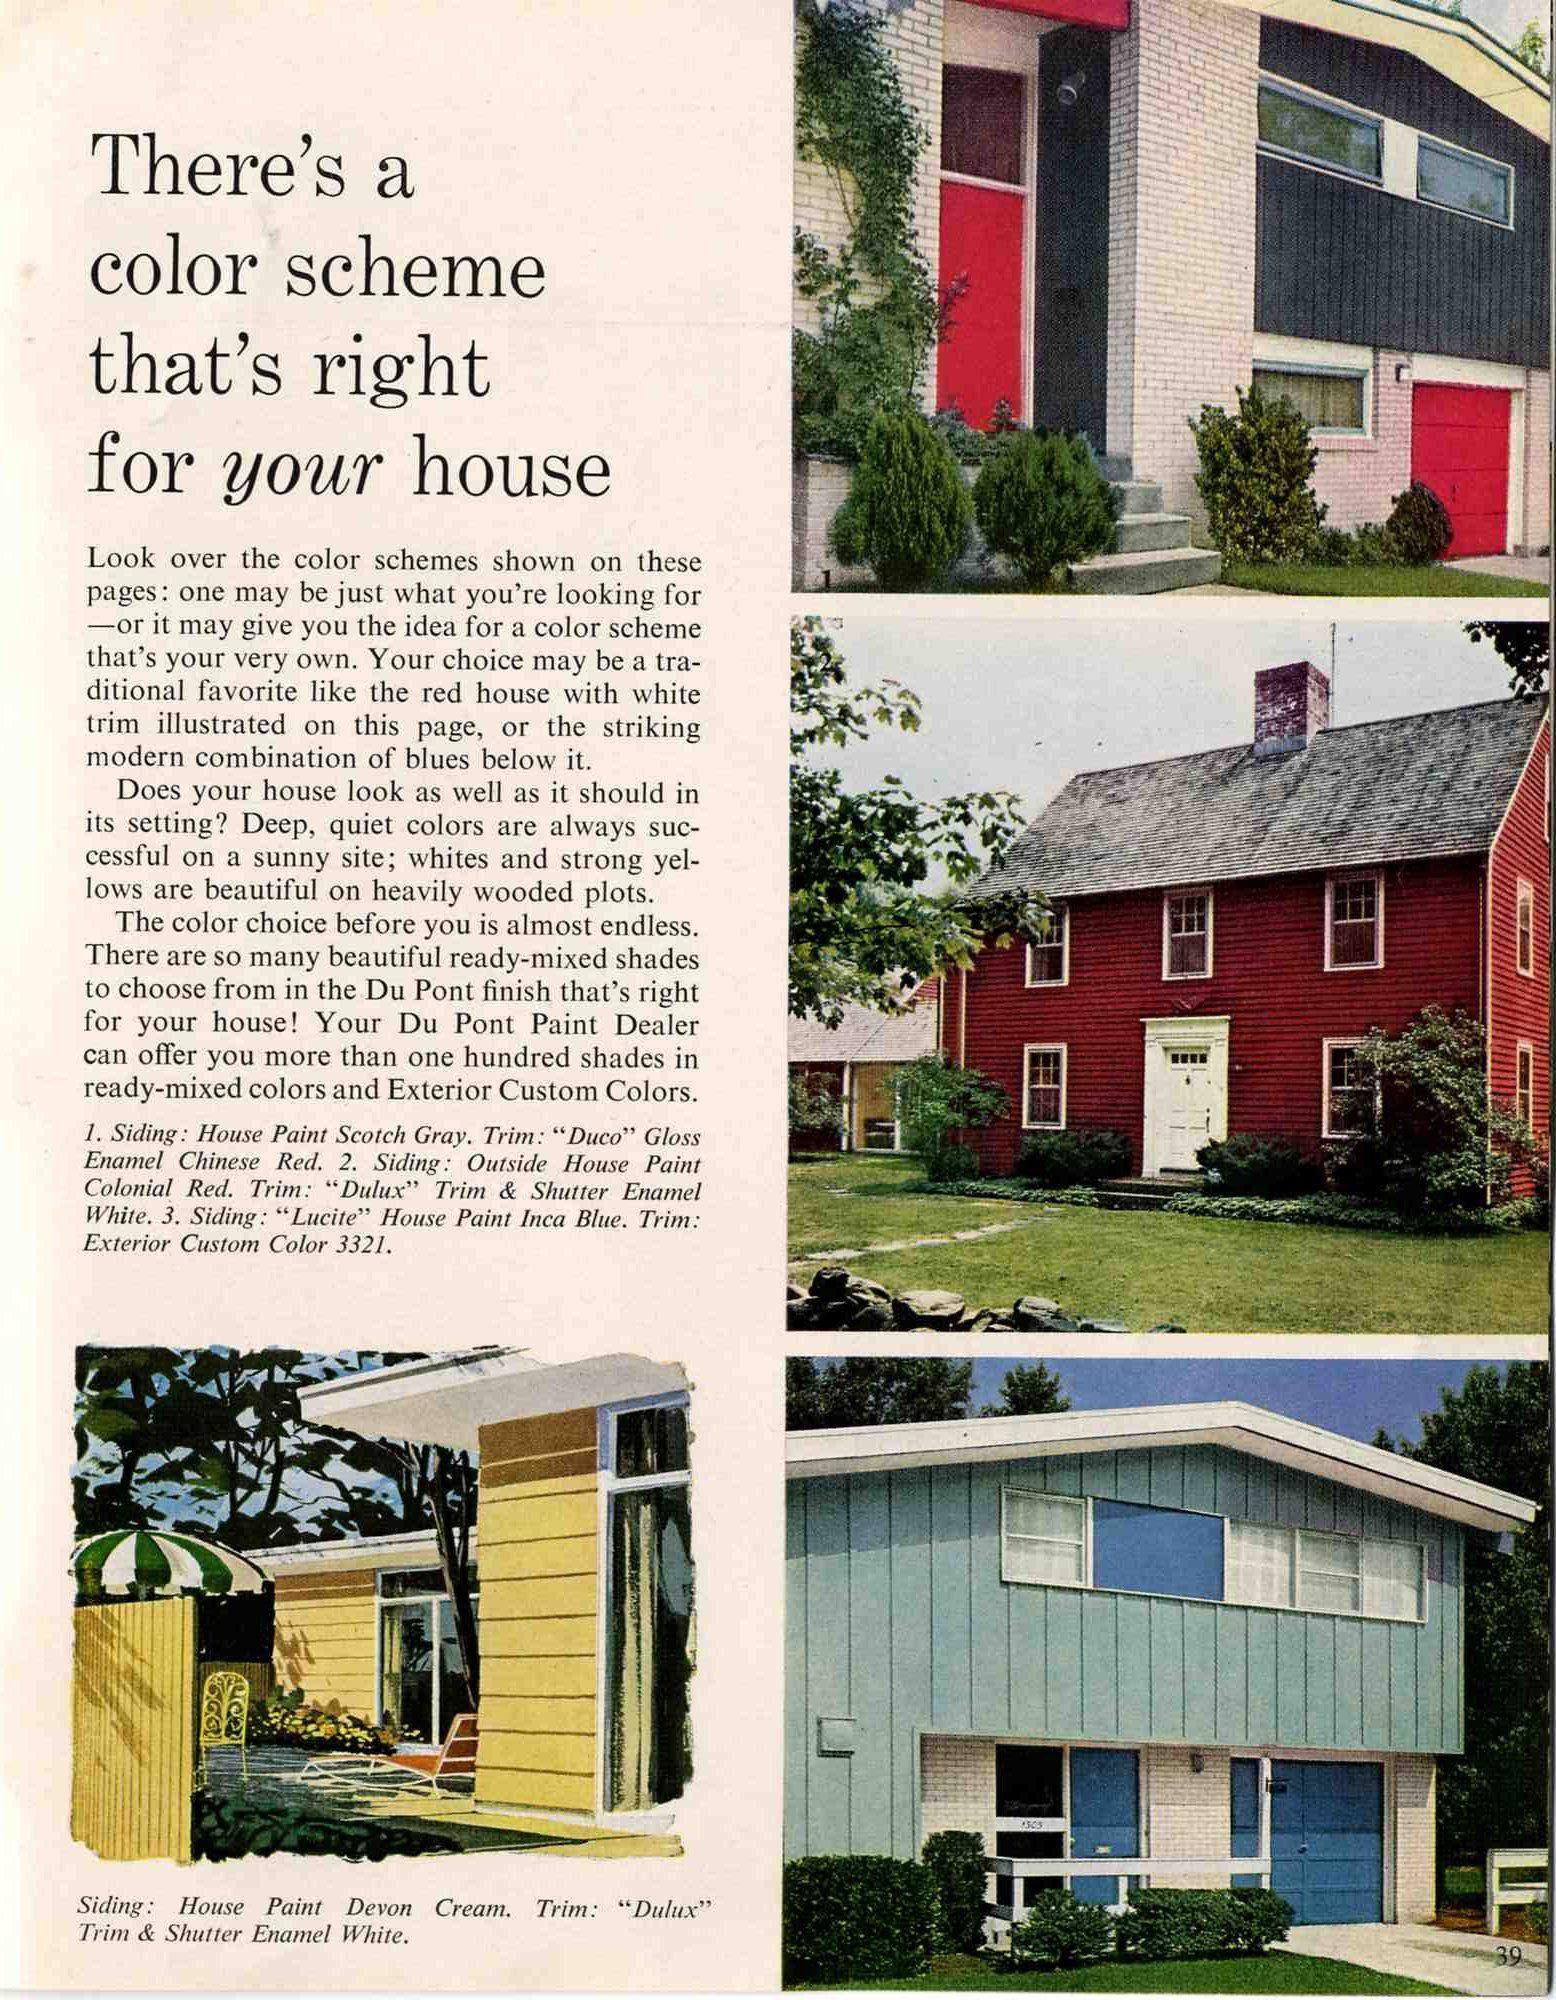 45+ 1960s exterior house paint colors information